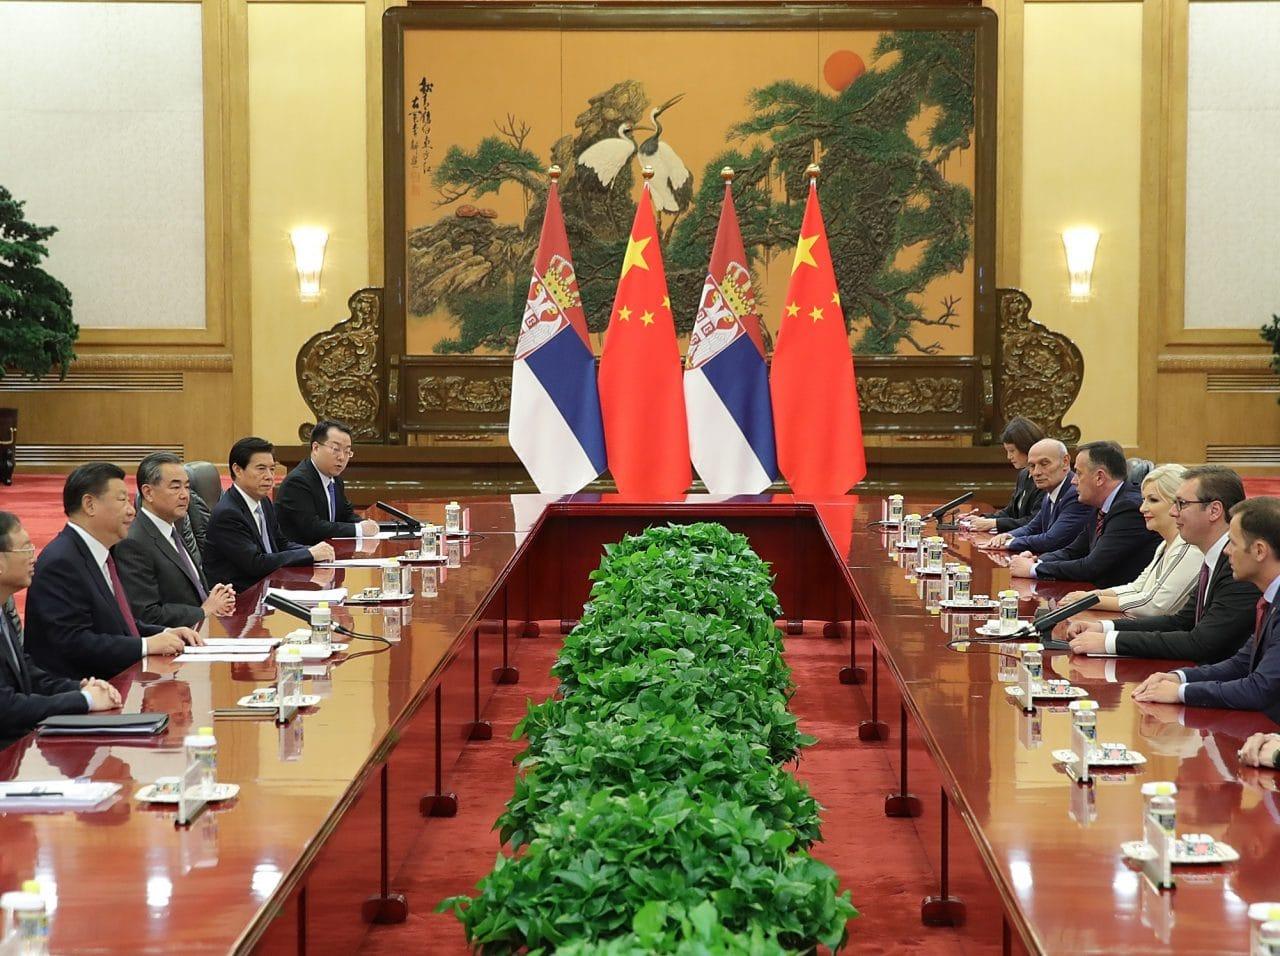 Αυτή η εικόνα δεν έχει ιδιότητα alt. Το όνομα του αρχείου είναι serbia-china-delegations-epa-efe-lintao-zhang-3x4-1280x956.jpeg